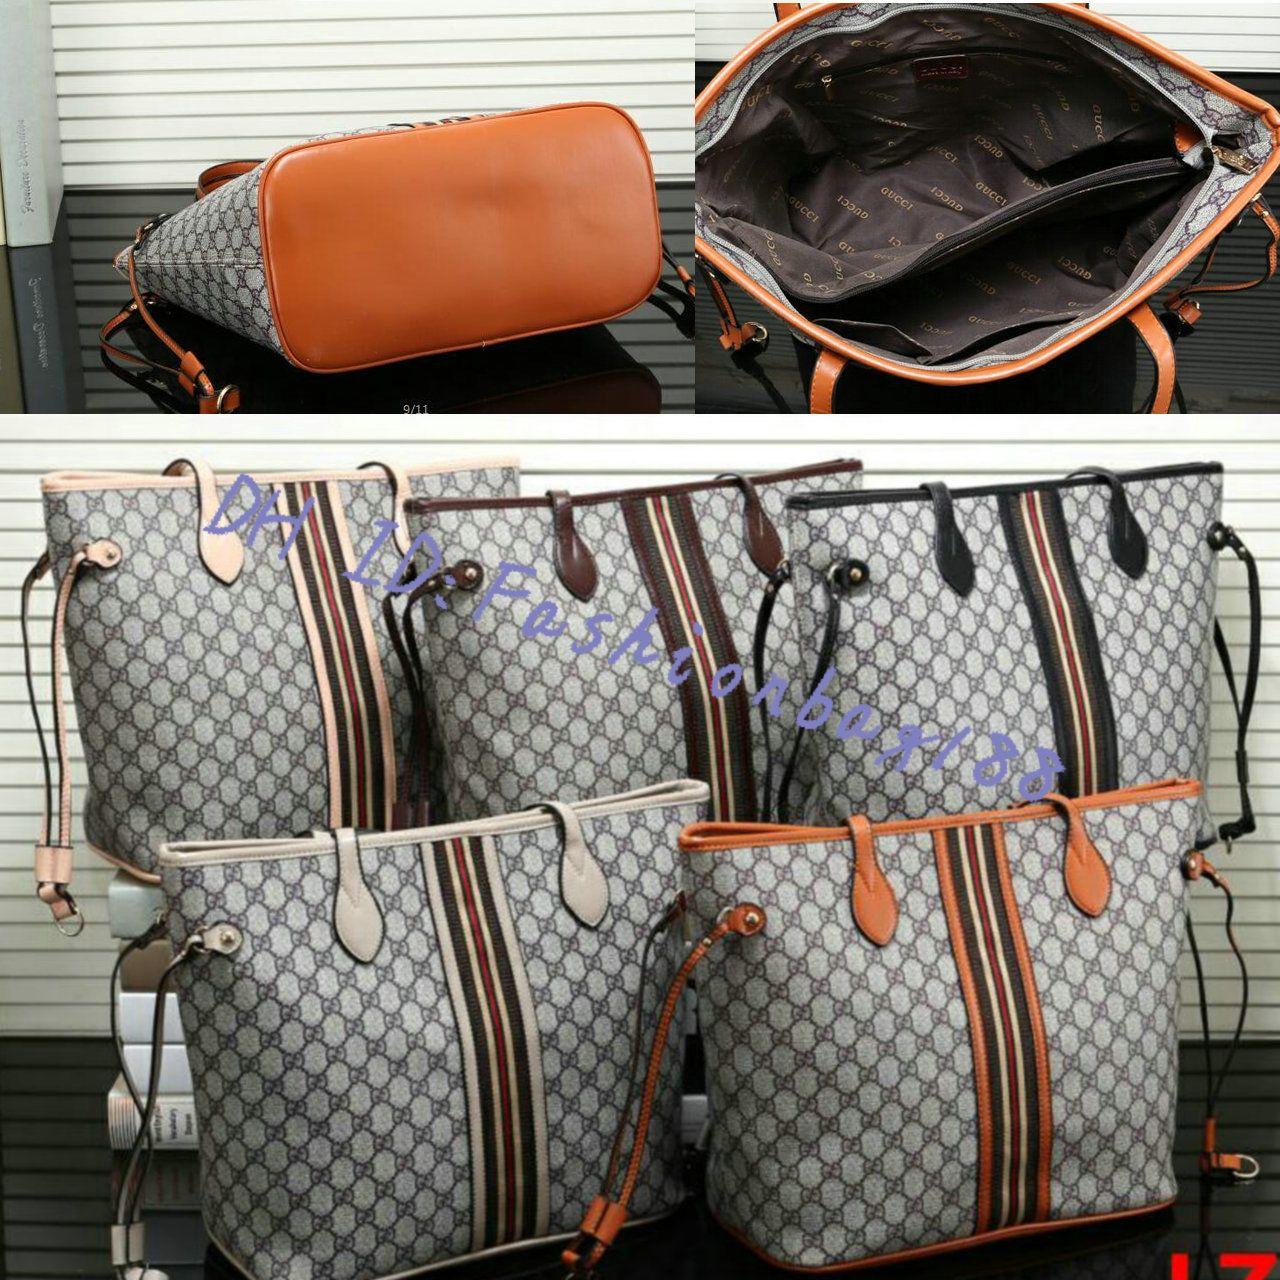 7005 RQ33 due pezzi di cuoio della borsa nome famoso modo di stili moneybag donne Totes spalla Sacchetti della signora moda borsa in pelle Borse Clutch